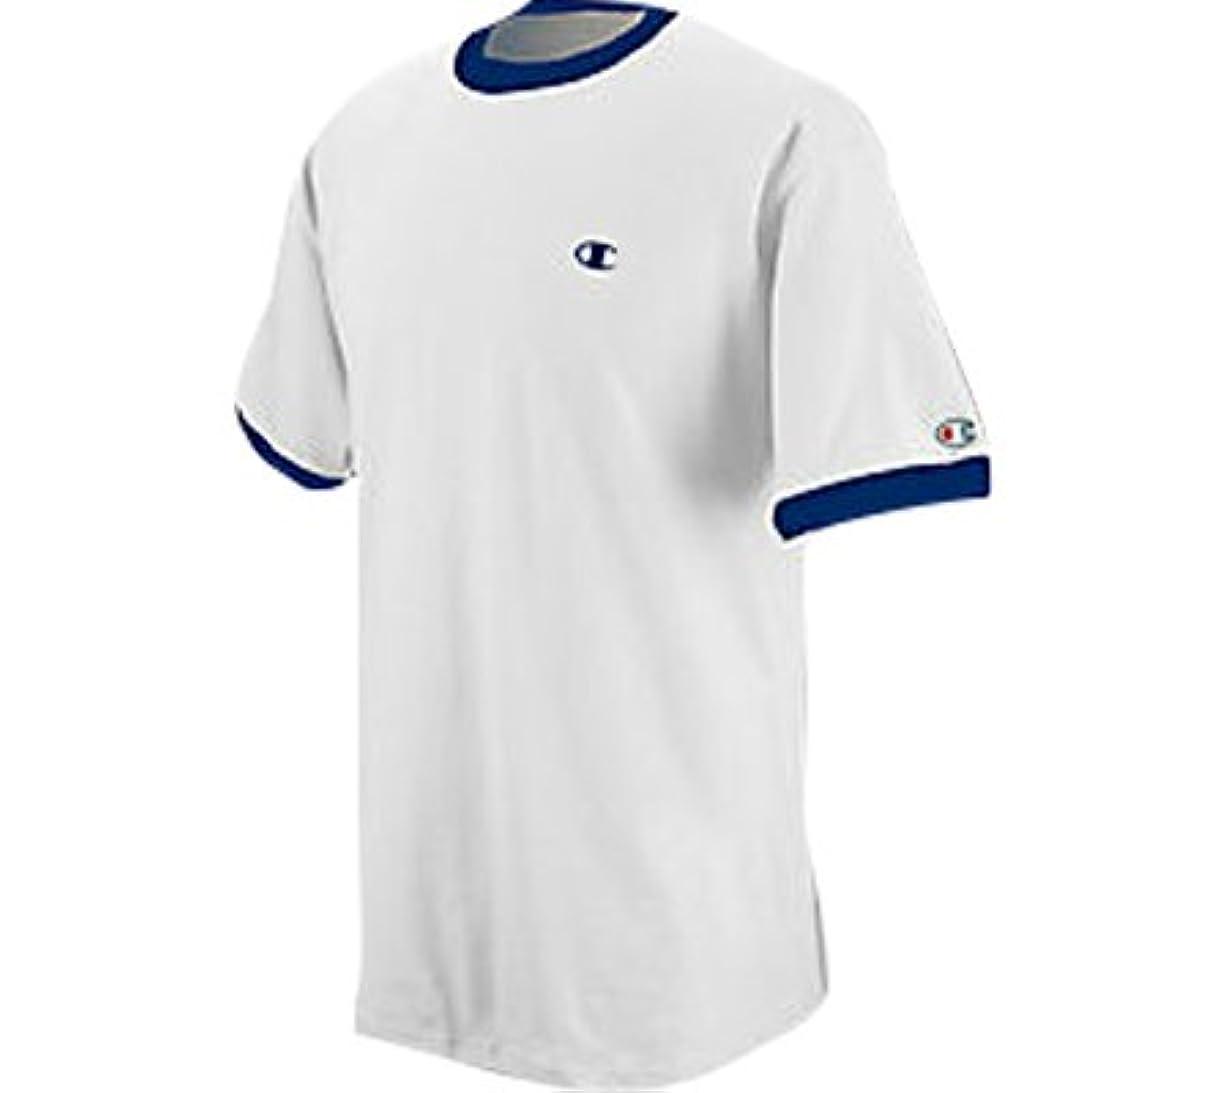 ラテン熱意矢印(チャンピオン) Champion メンズ リンガー Tシャツ 3枚セット US サイズ: M カラー: ホワイト